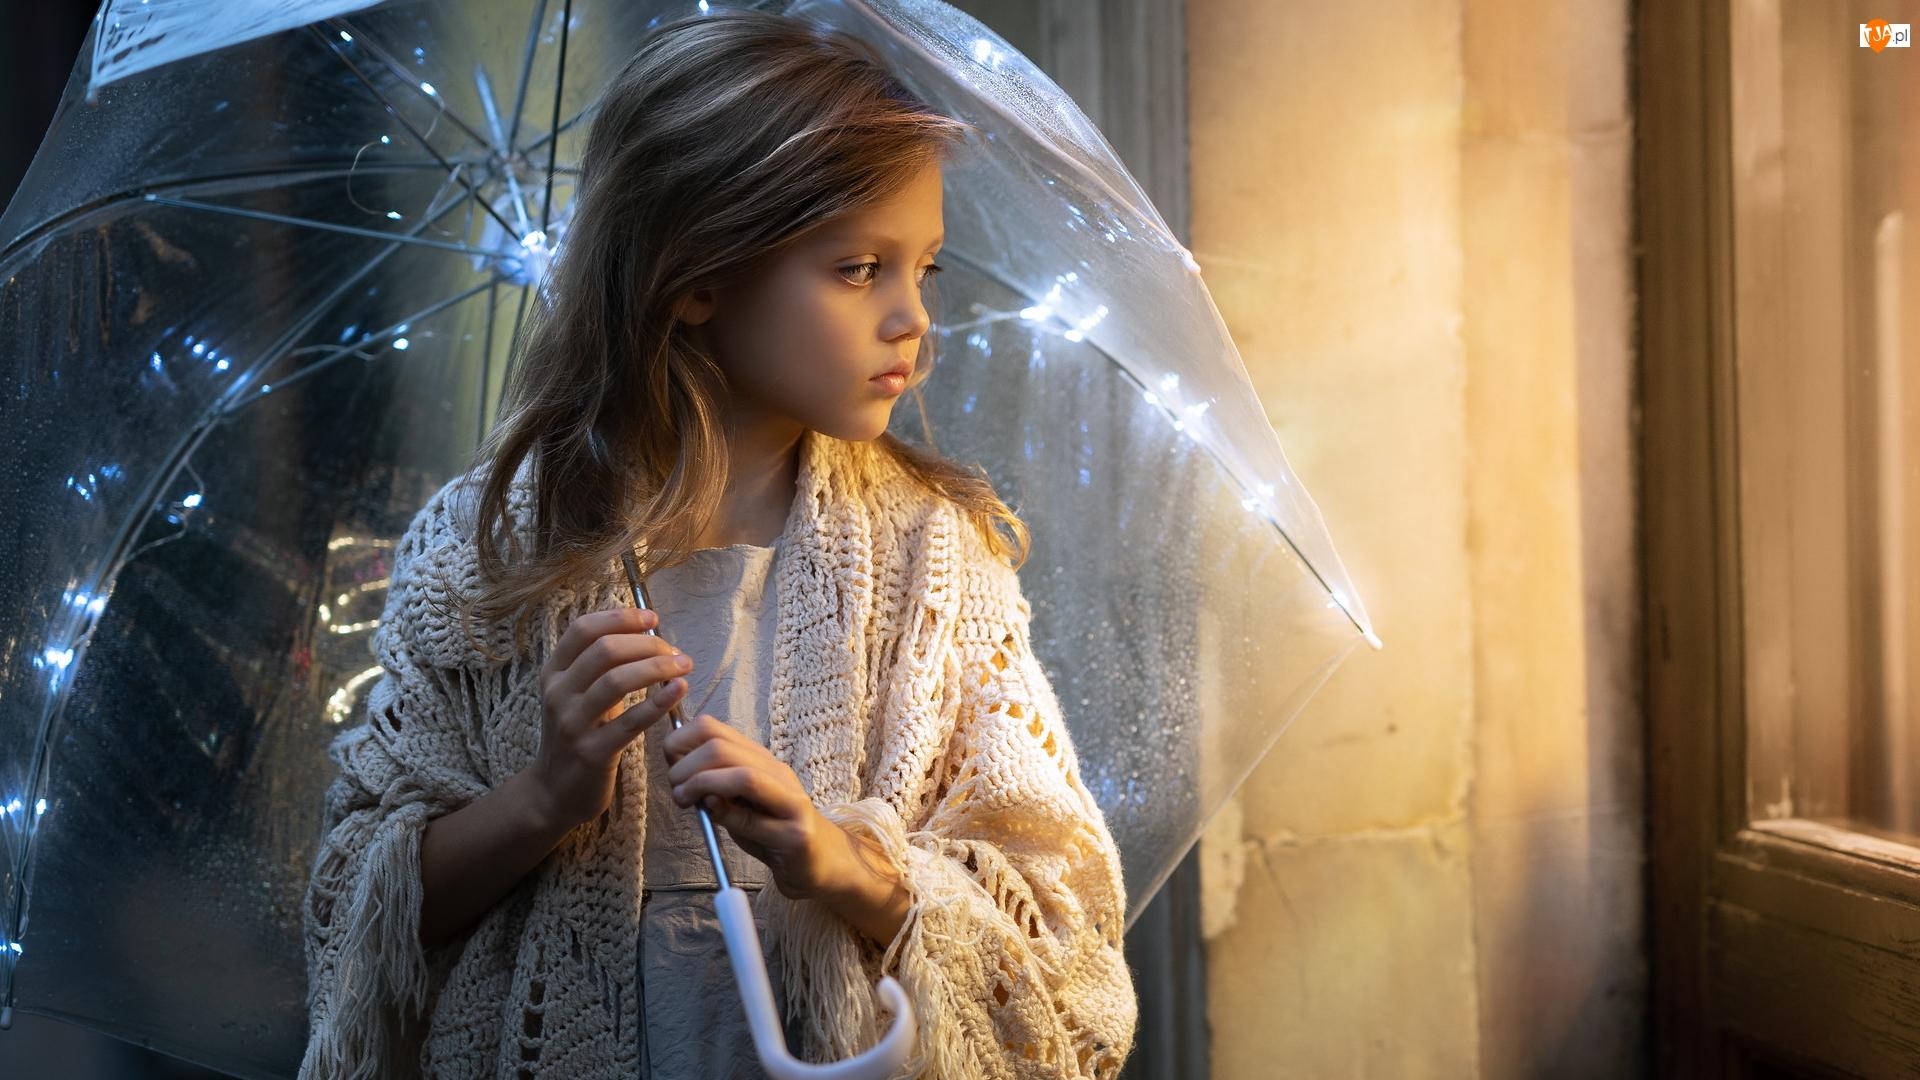 Światełka, Dziewczynka, Parasolka